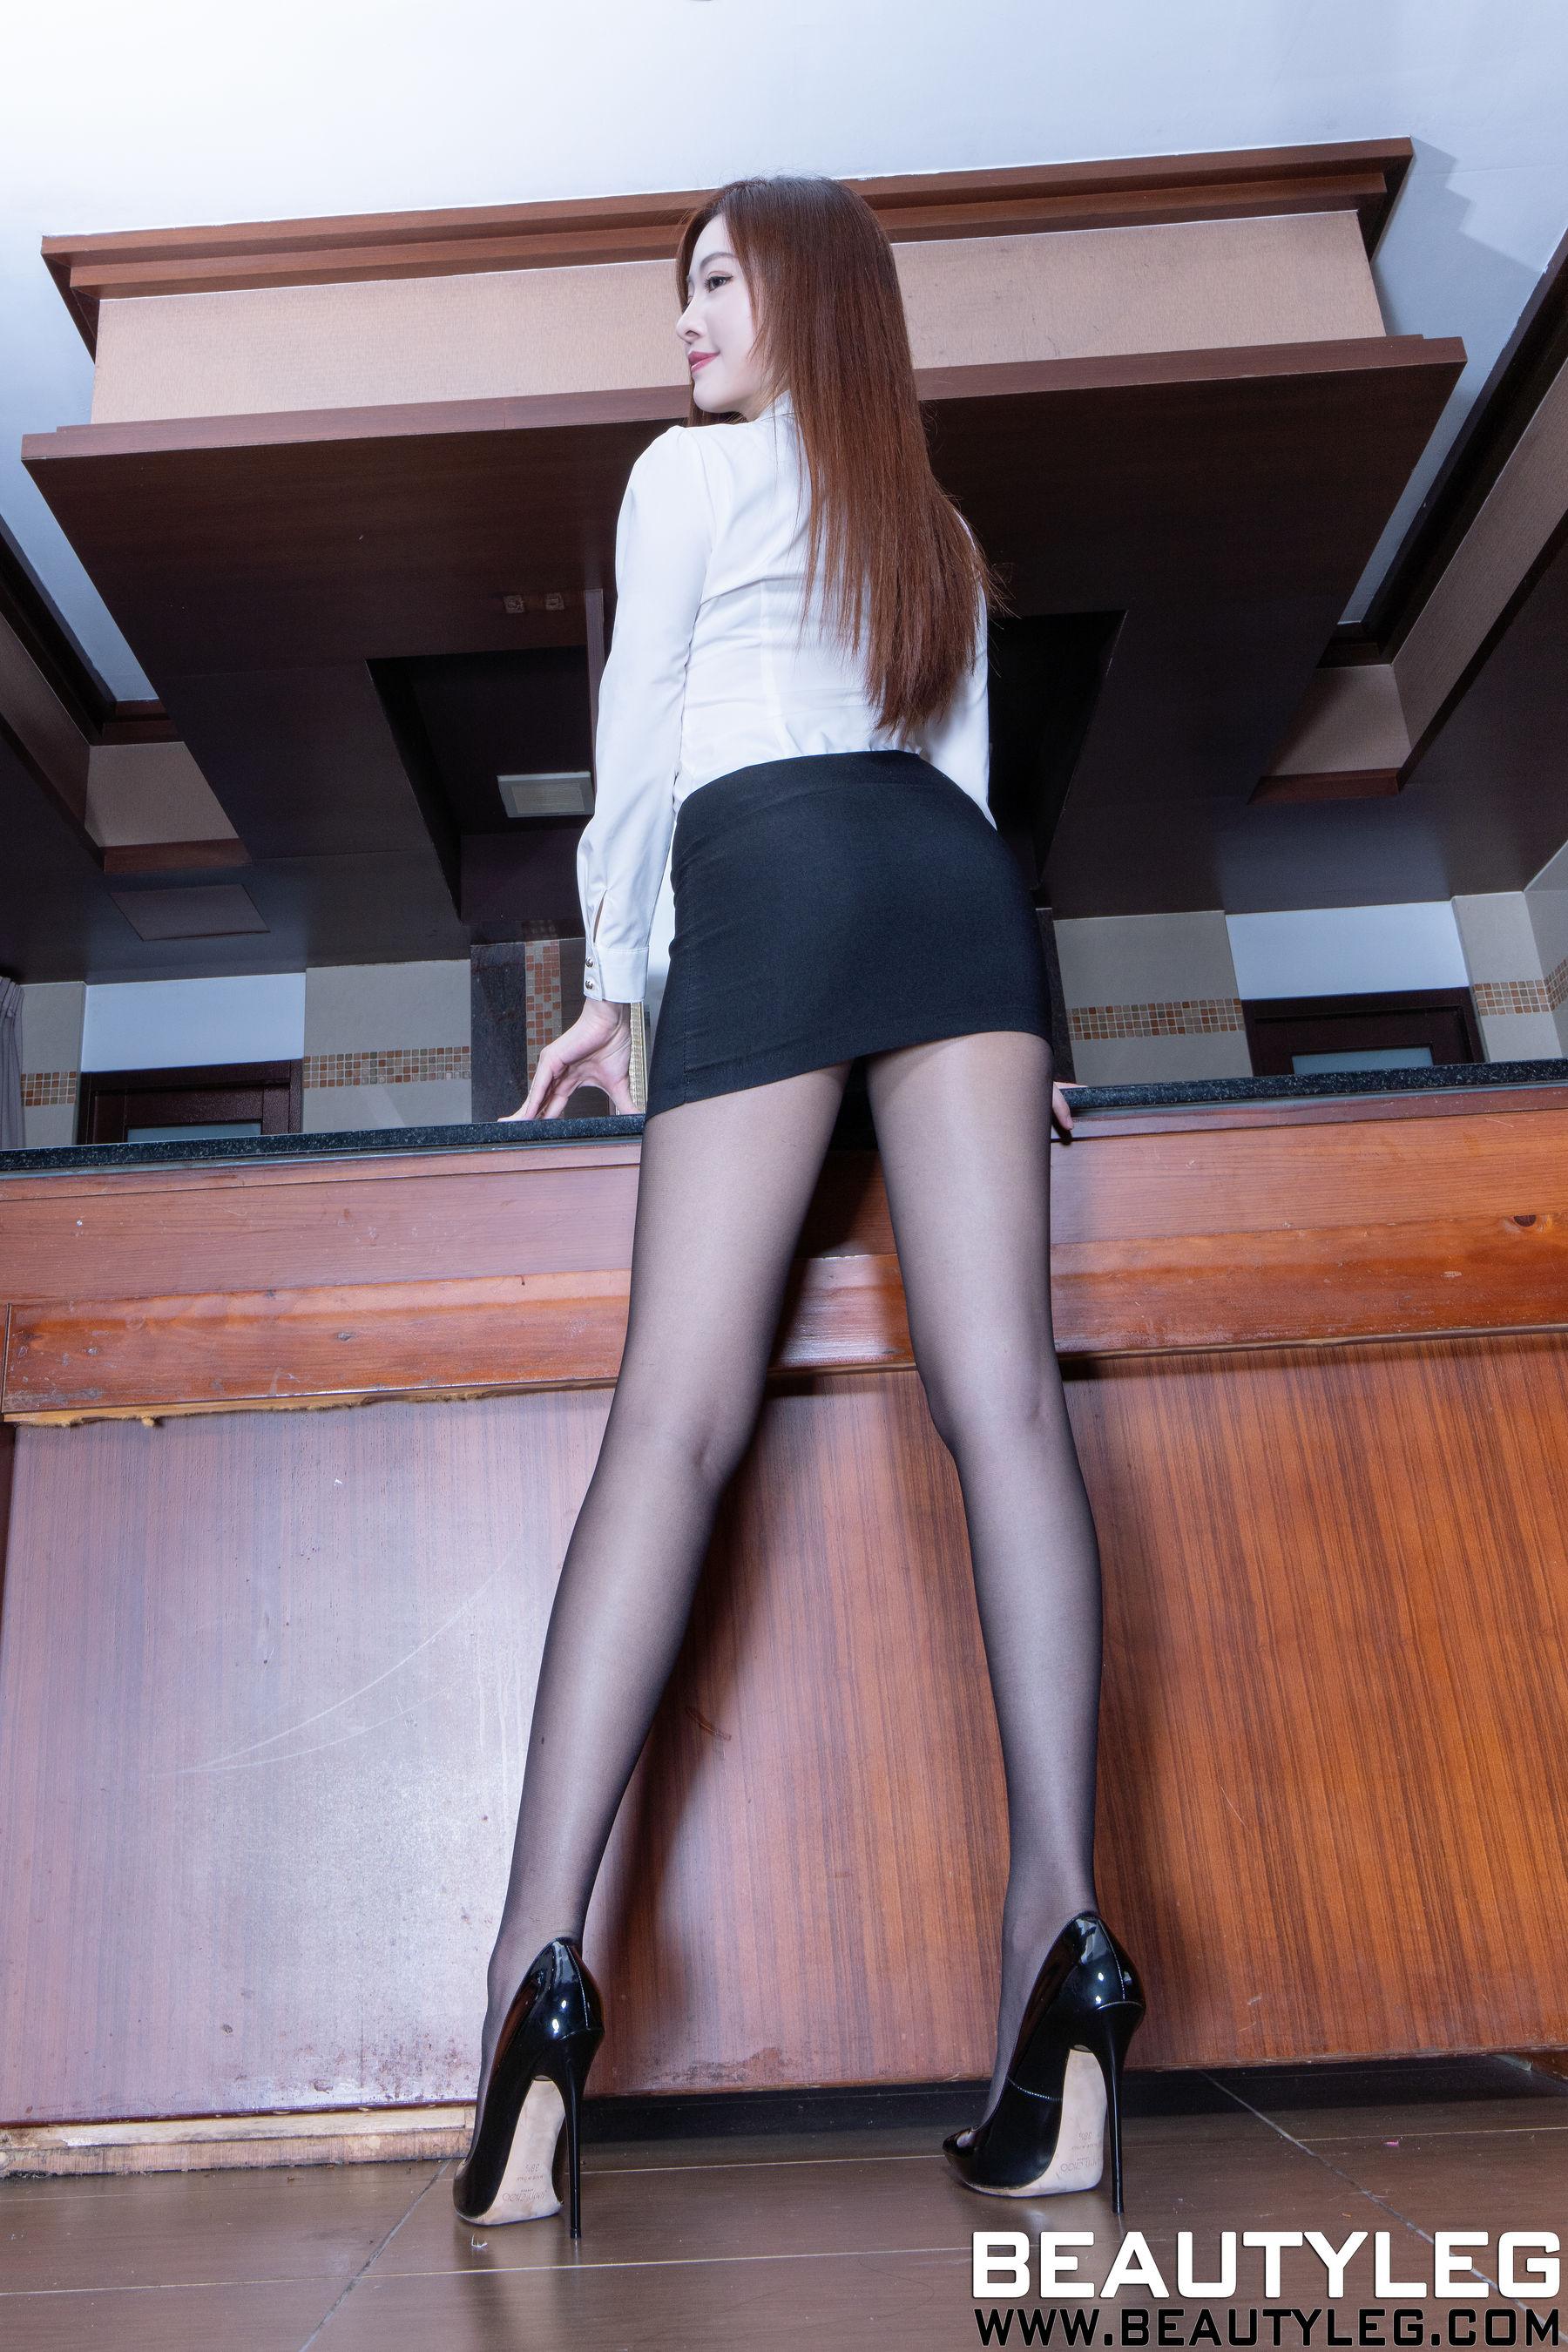 VOL.800 [Beautyleg]高跟美腿:腿模YuHsuan(Beautyleg YuHsuan)超高清个人性感漂亮大图(40P)